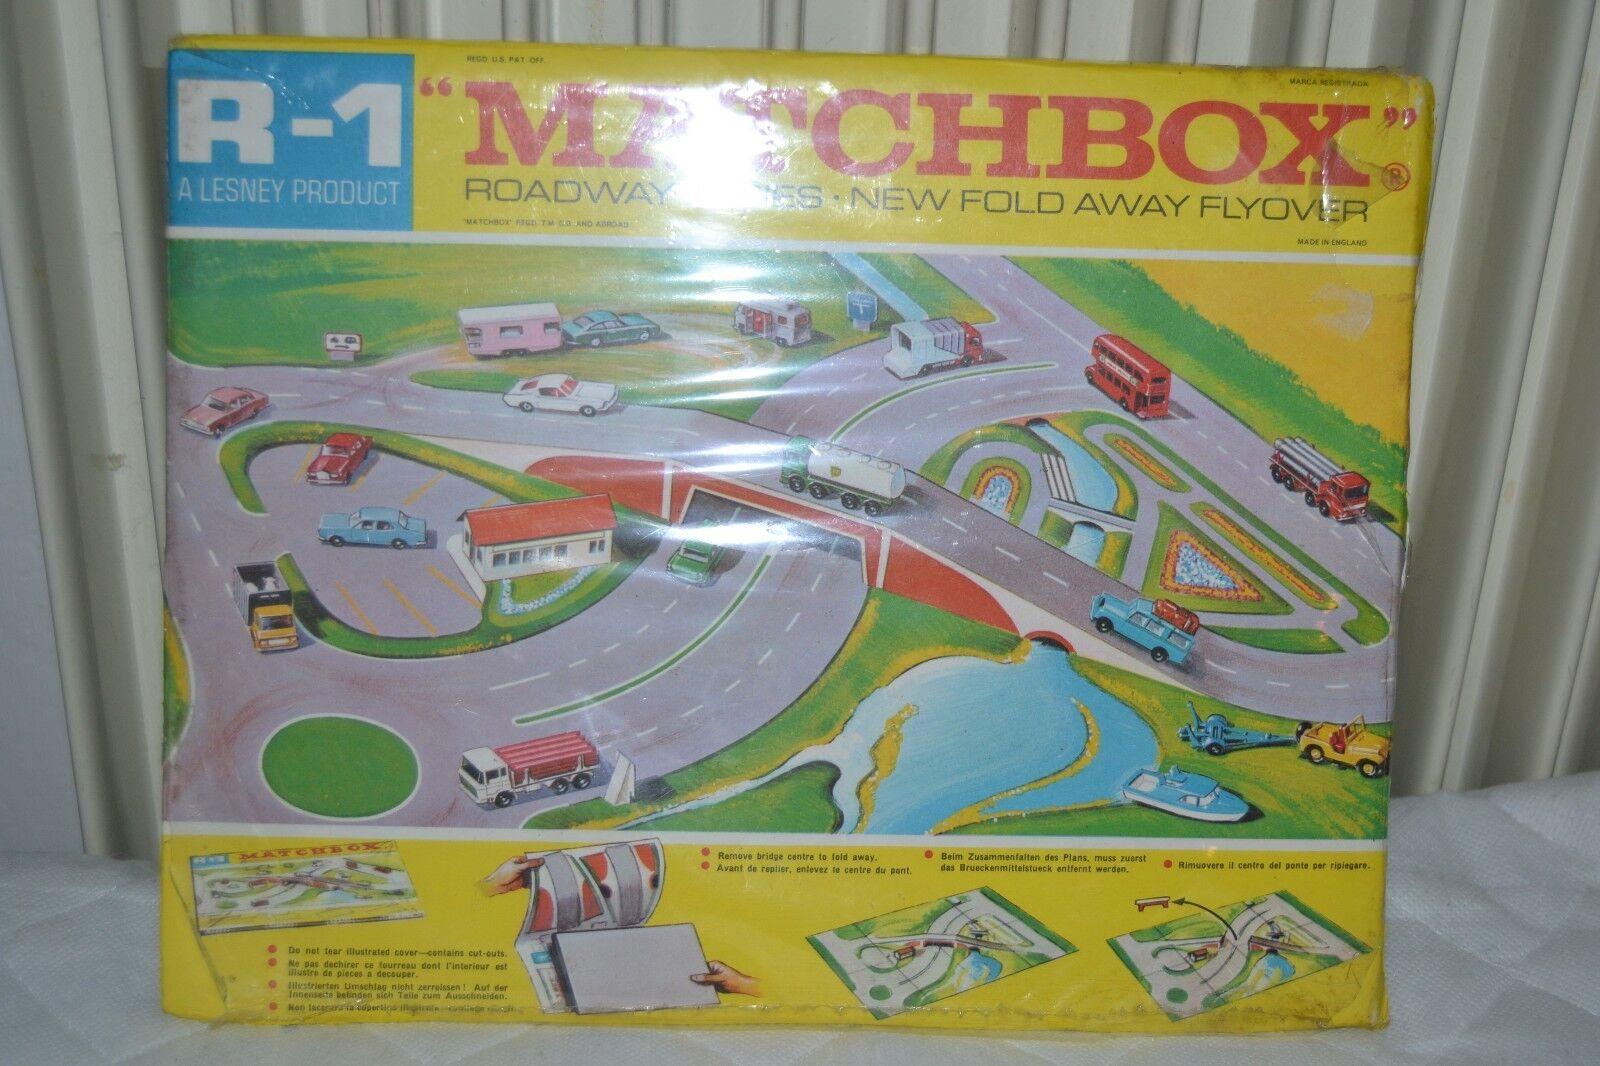 LESNEY MATCHBOX R-1 Roadway Mappa con ponte sigillato in fabbrica Strizzacervell